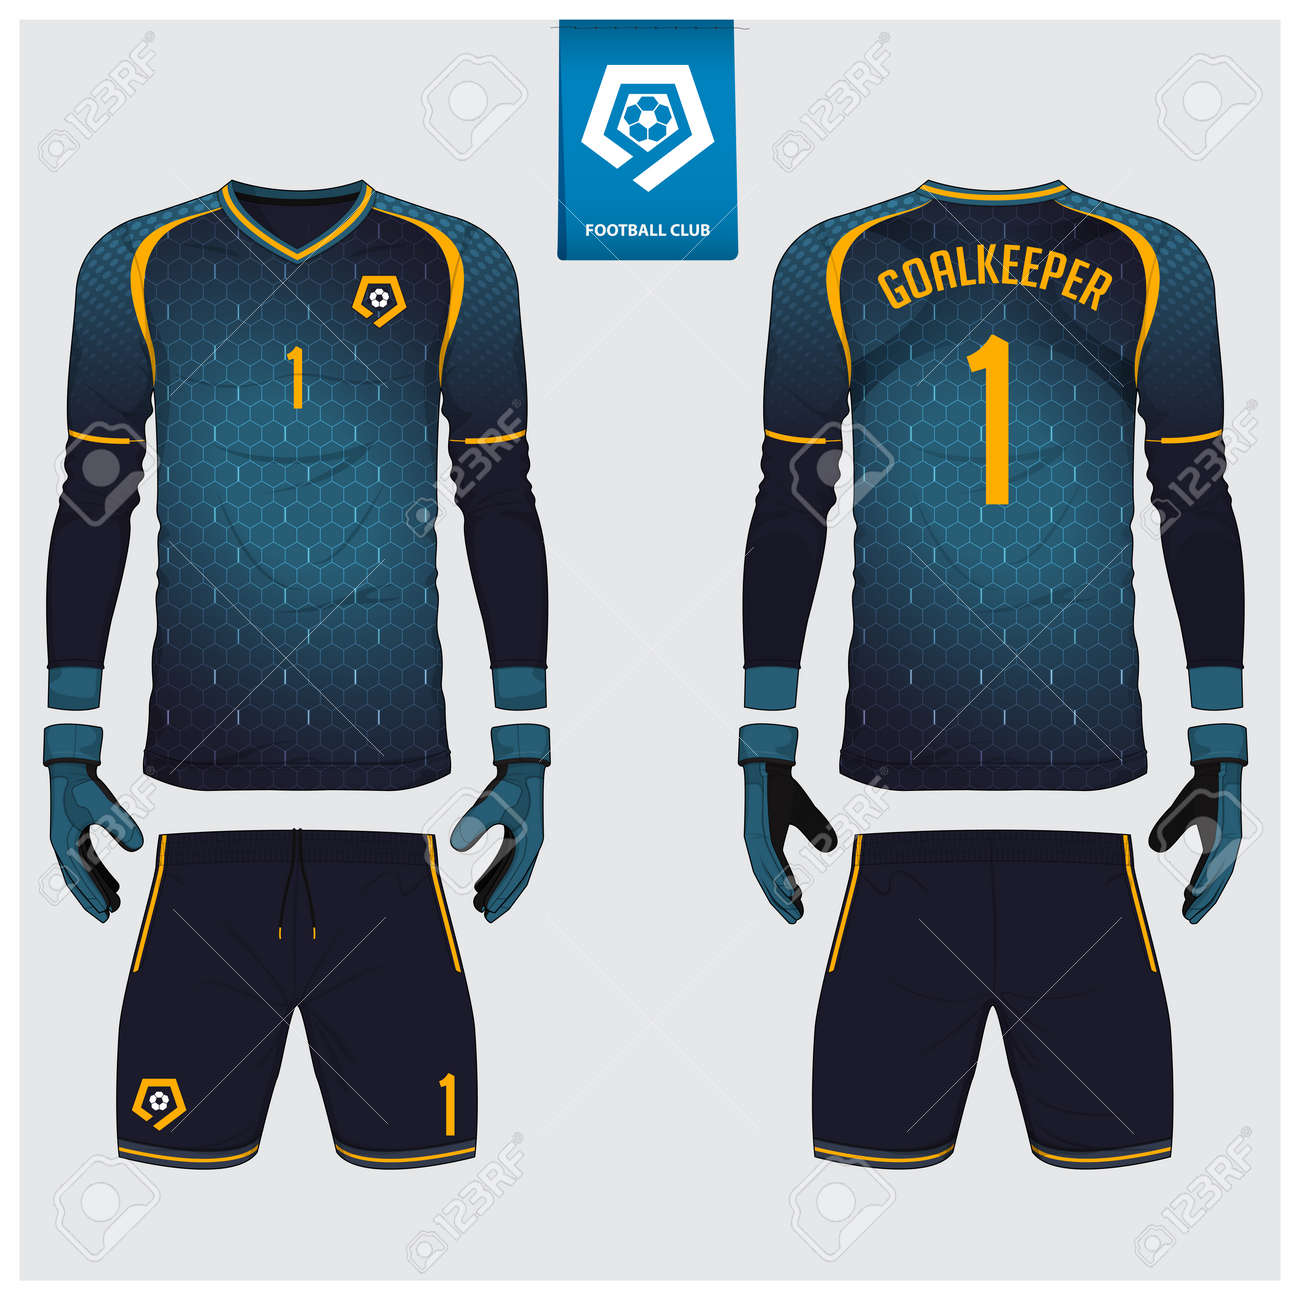 c9660c8f1 Goalkeeper Jersey Or Soccer Kit